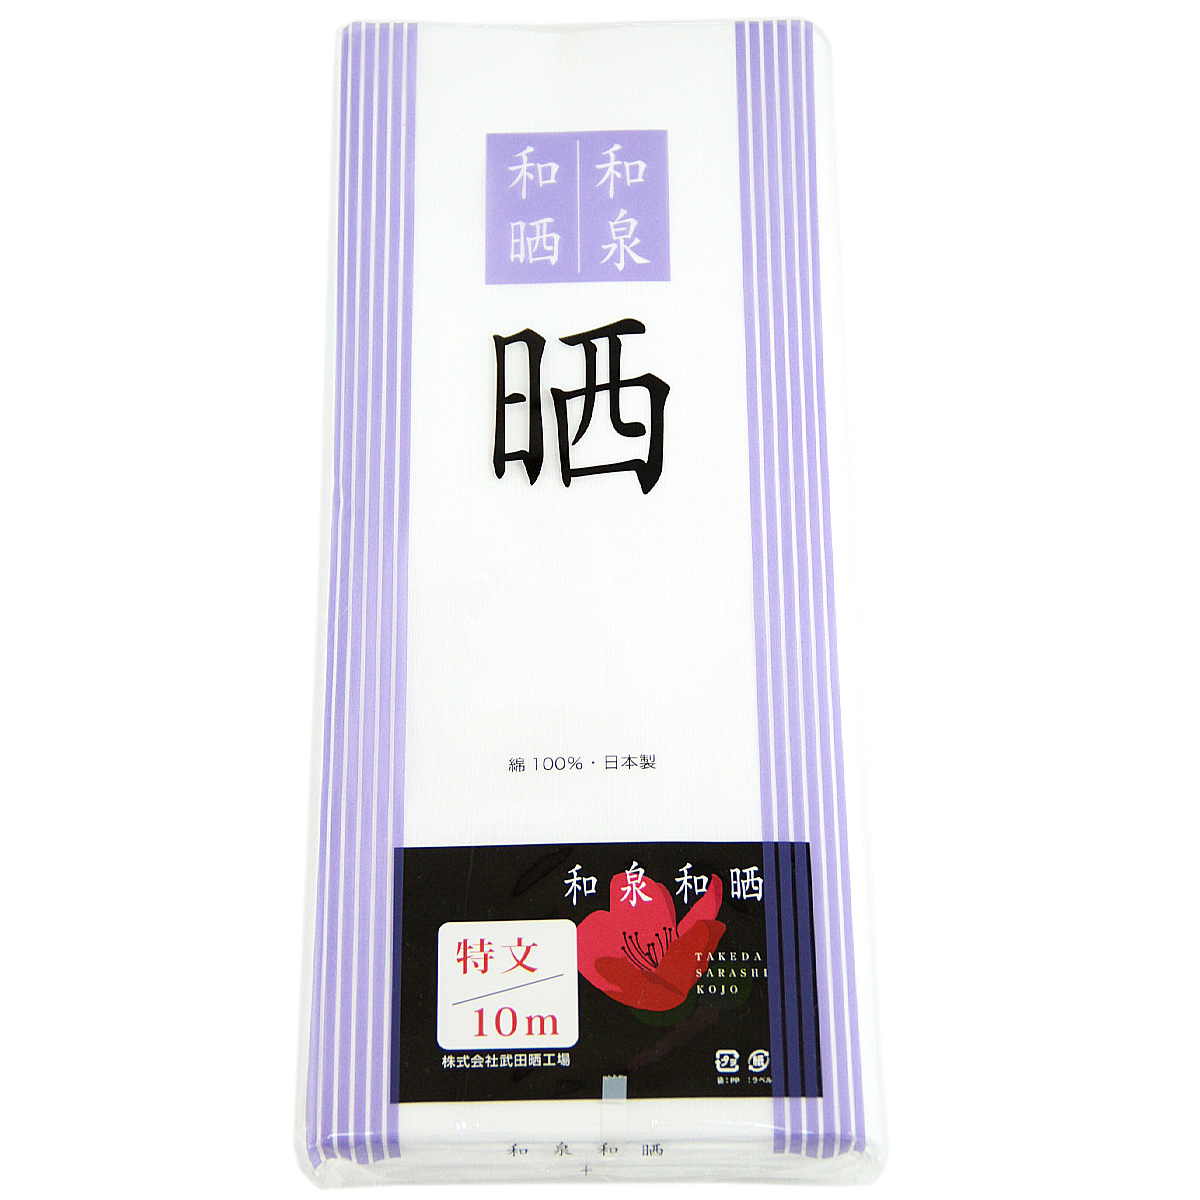 メール便対応 さらし布 晒反物 新作多数 木綿生地 和晒加工 日本製 晒 10m 安い 激安 プチプラ 高品質 反物 特文 泉州製 綿100% 35cm巾 和泉和晒